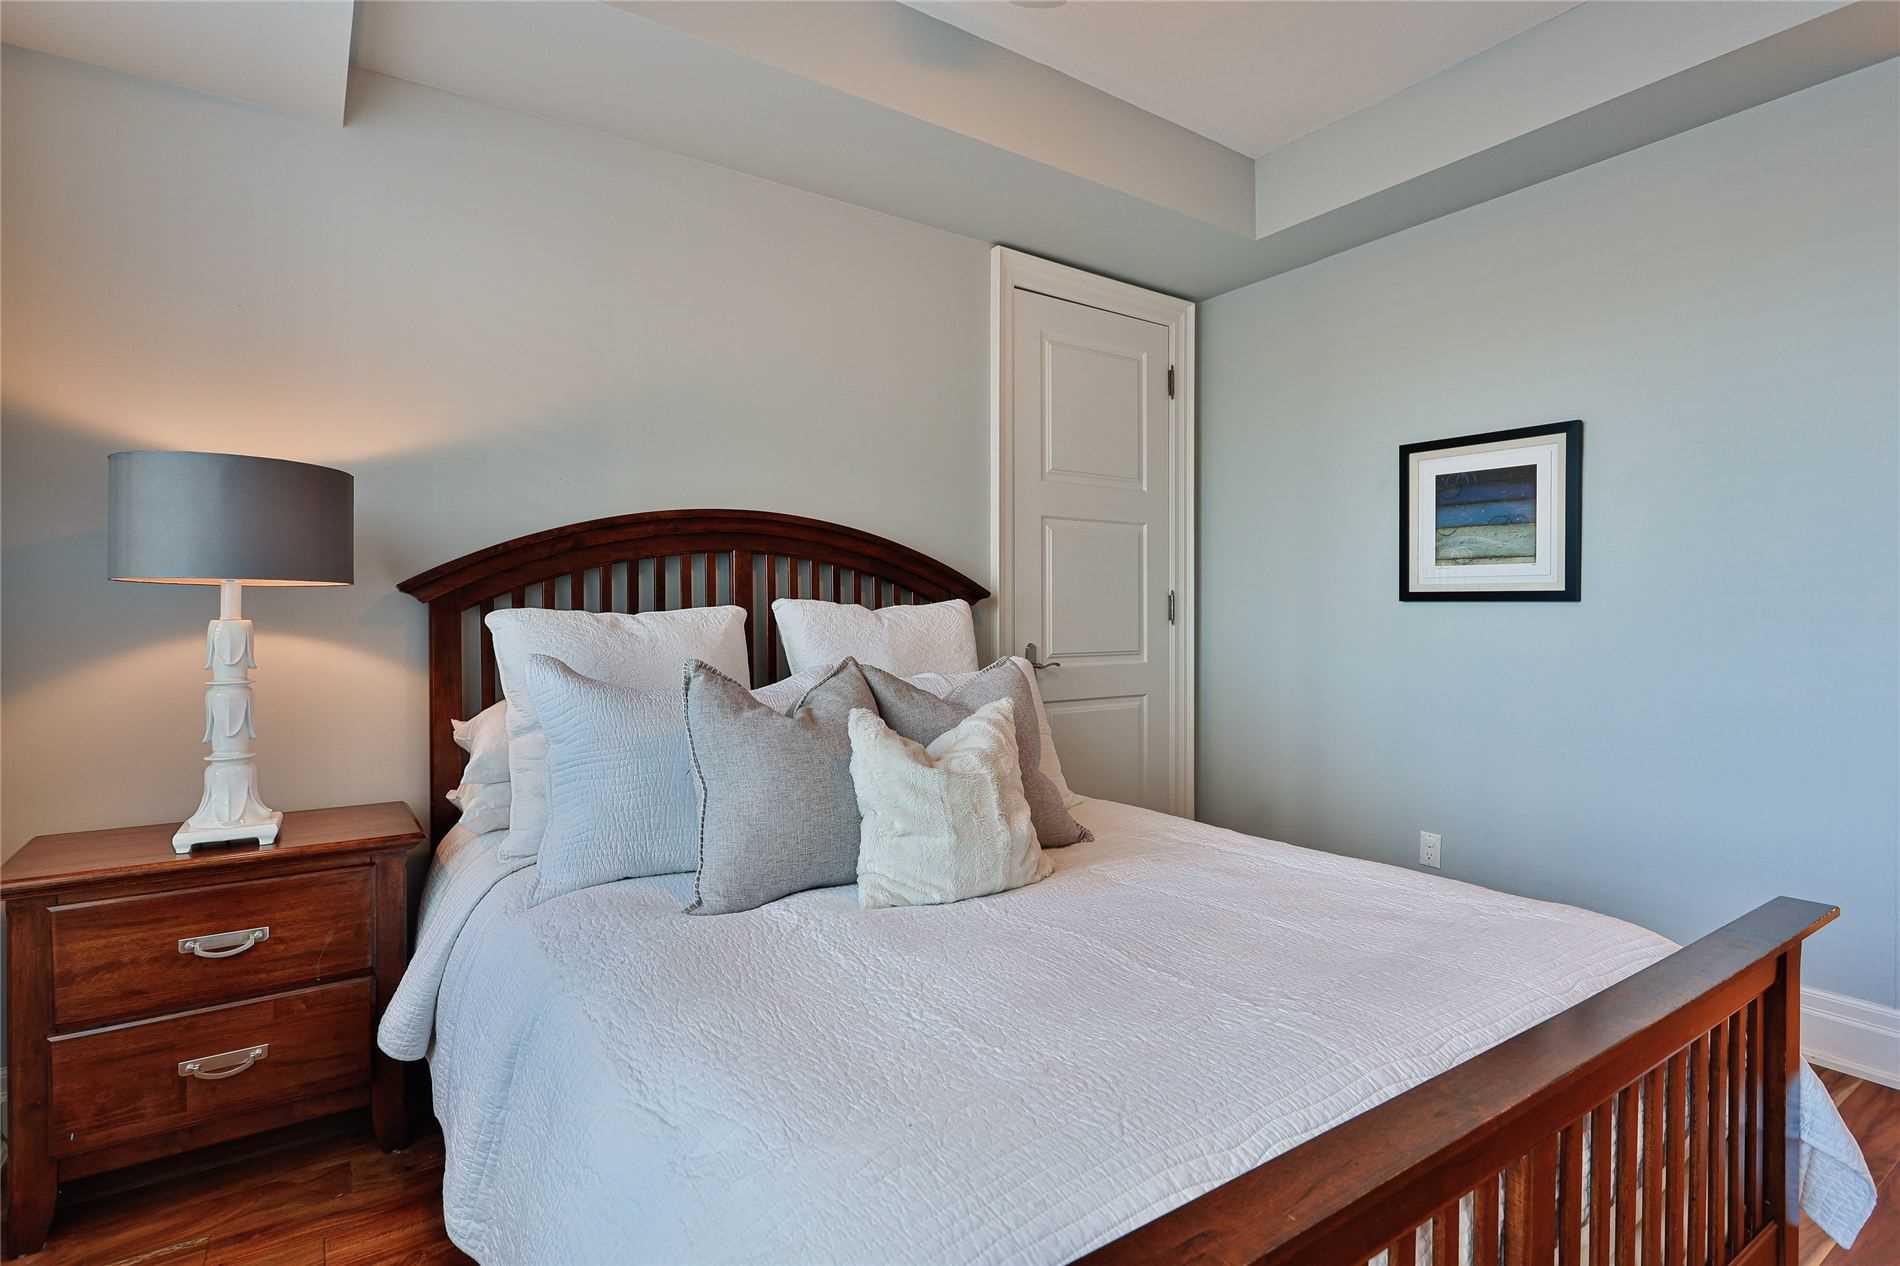 317 - 2095 Lake Shore Blvd W - Mimico Condo Apt for sale, 2 Bedrooms (W5369727) - #28